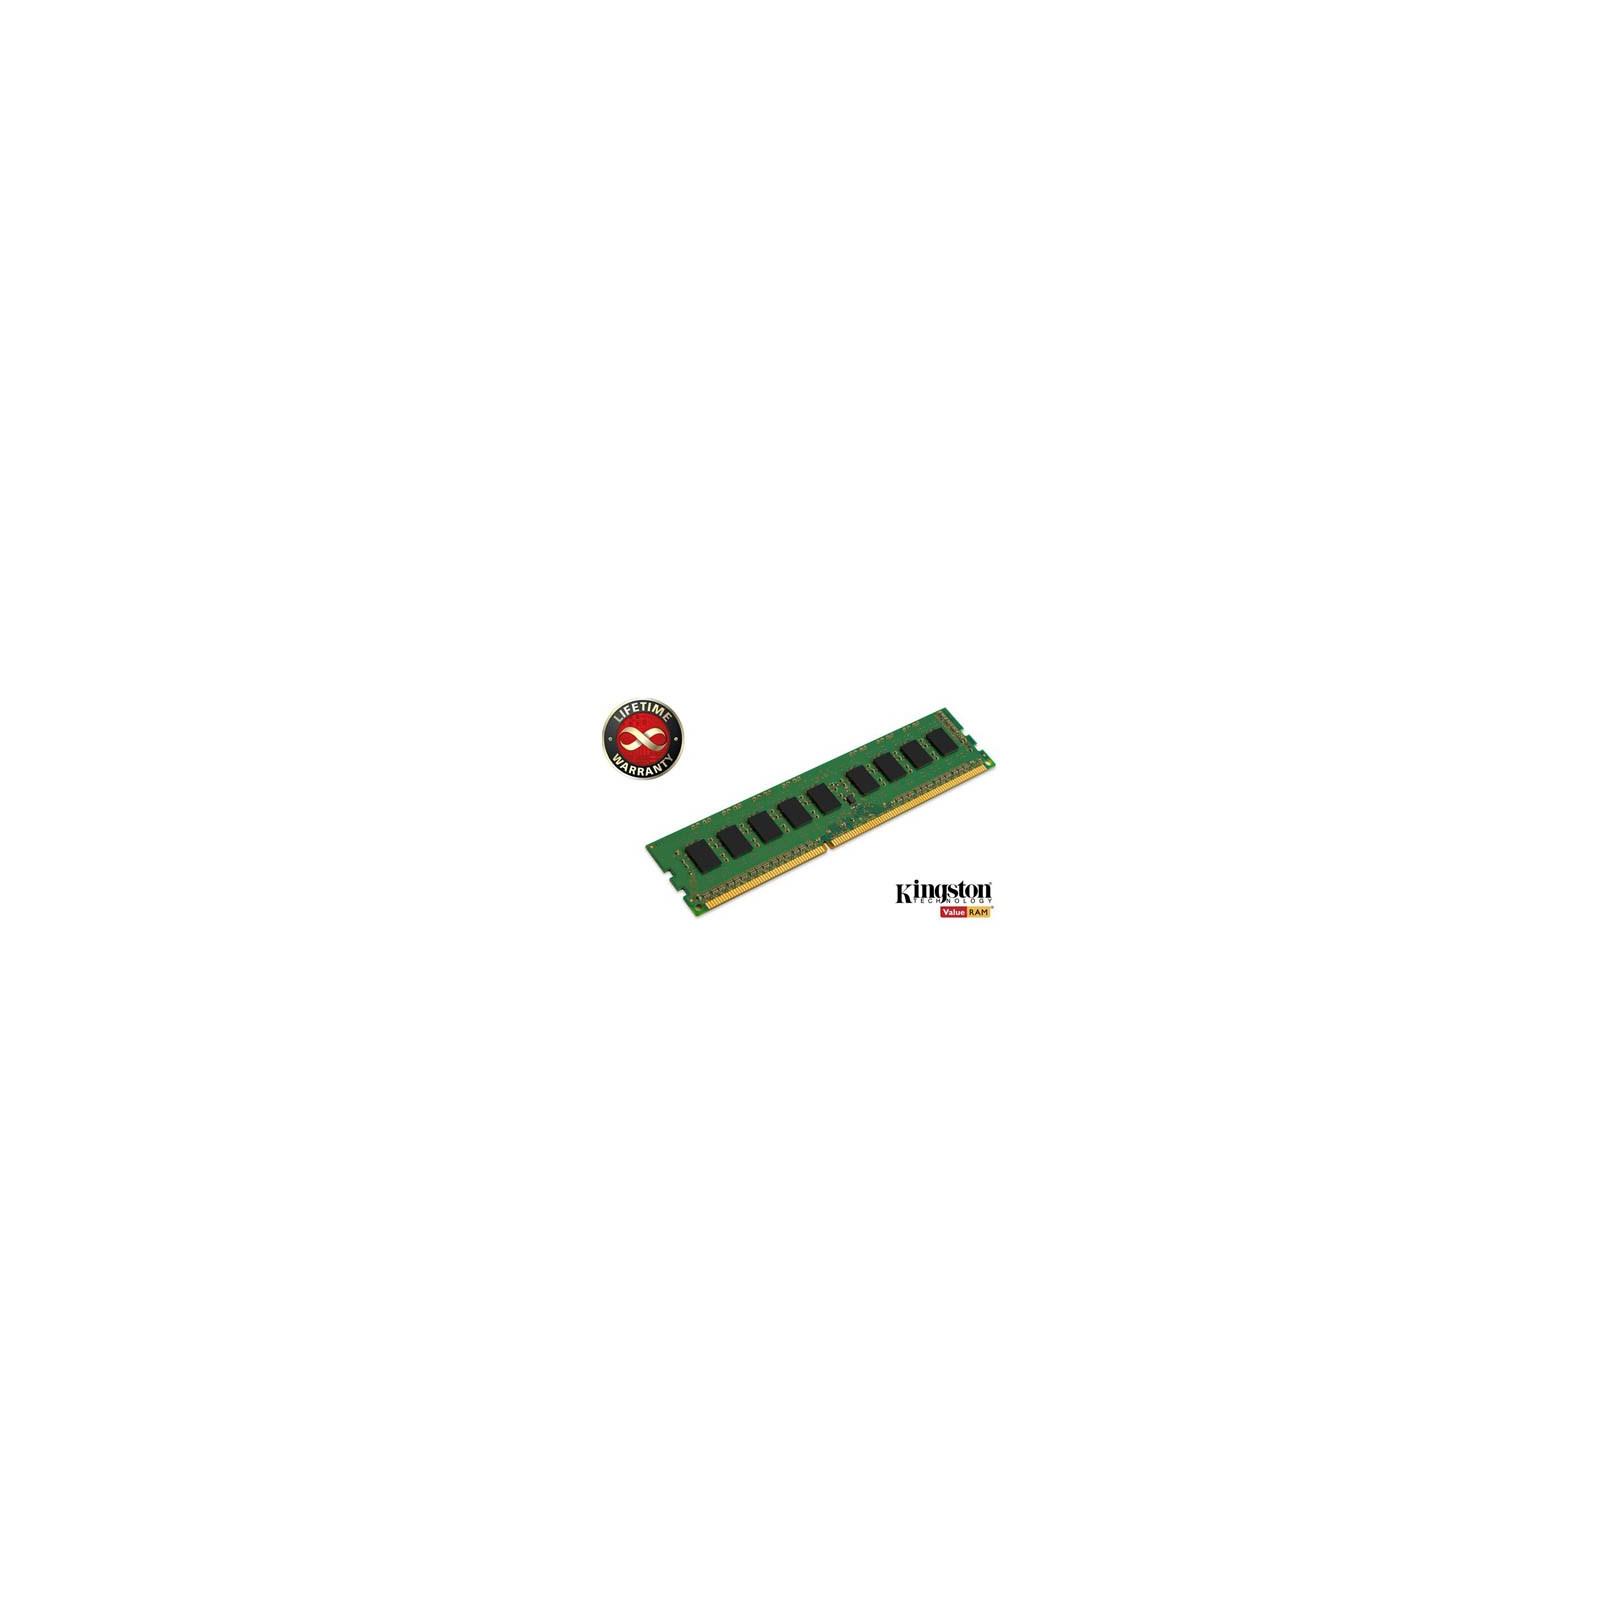 Модуль памяти для компьютера DDR3 2GB 1333 MHz Kingston (KVR1333D3S8N9/2G)